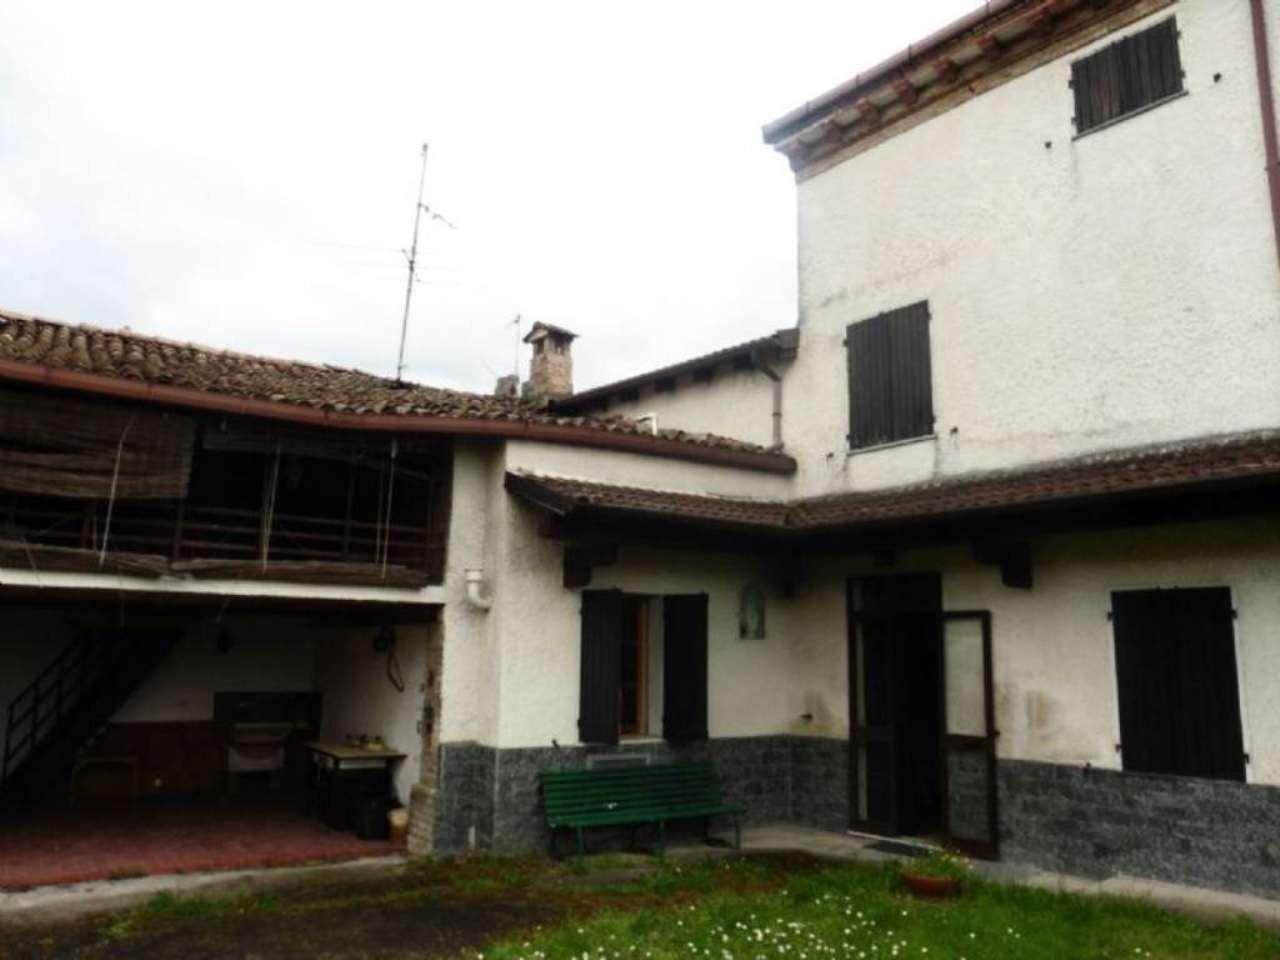 Rustico / Casale in vendita a Montemarzino, 9 locali, prezzo € 60.000 | Cambio Casa.it